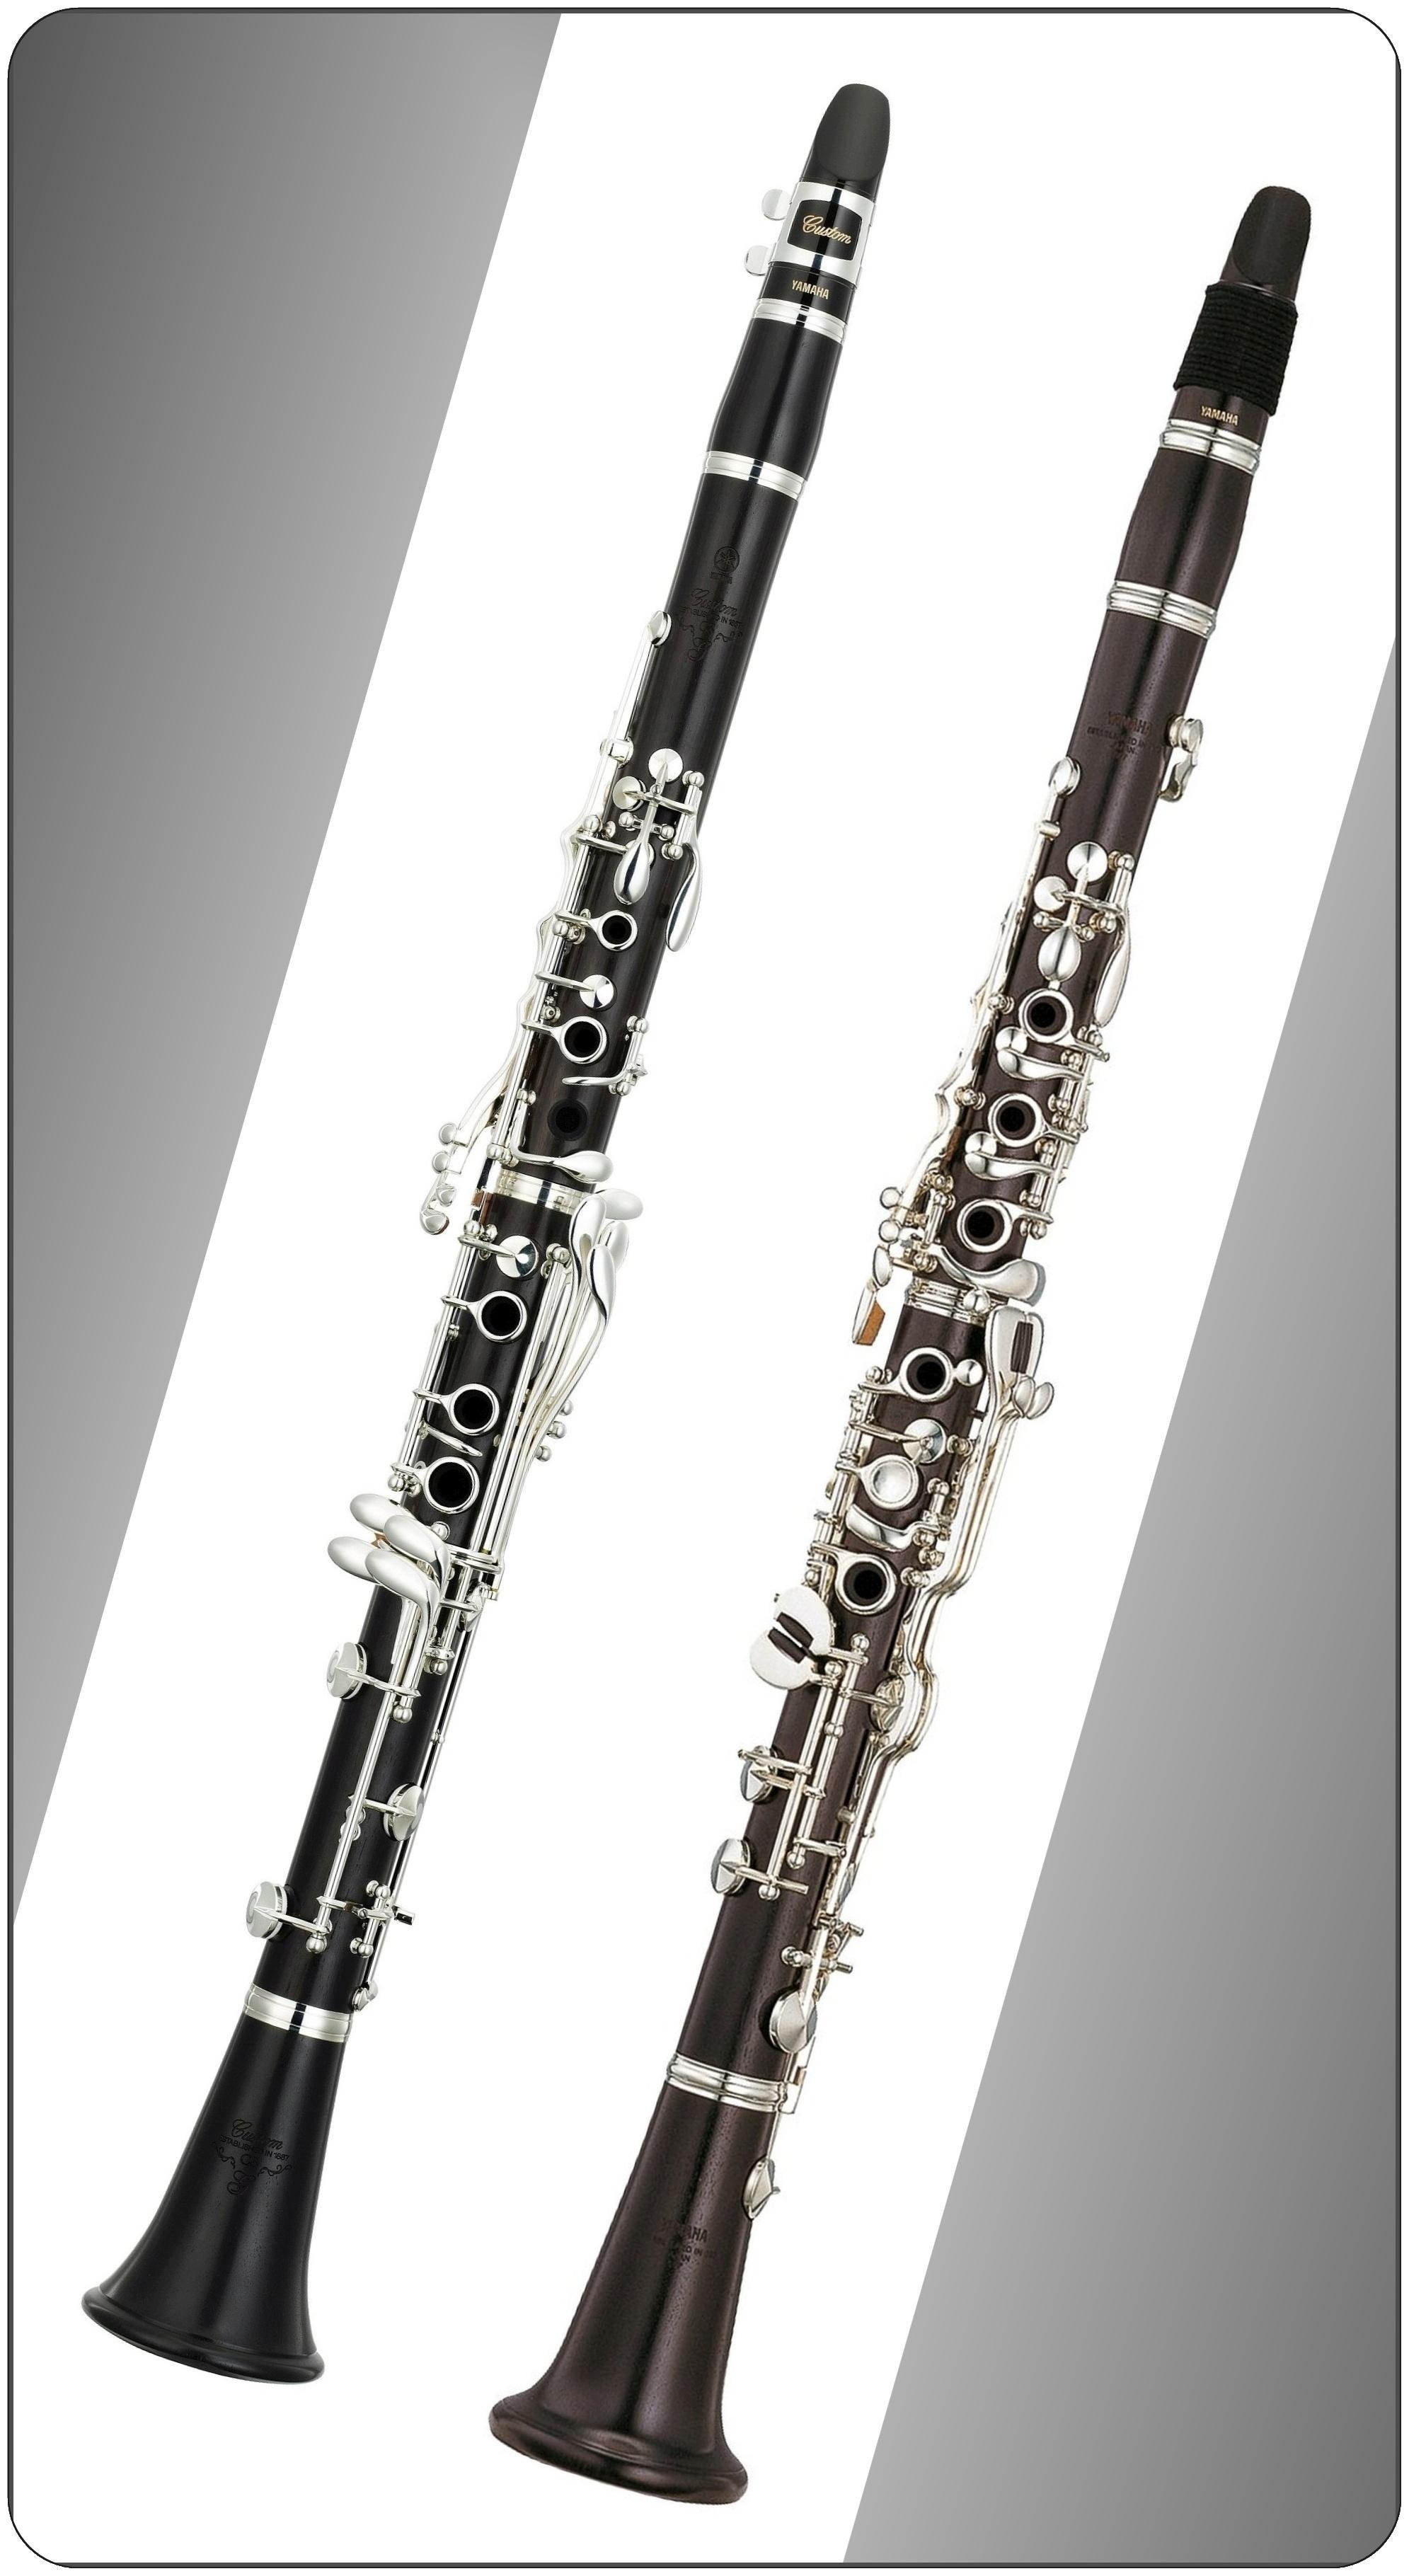 selmer clarinet număr de serie dating